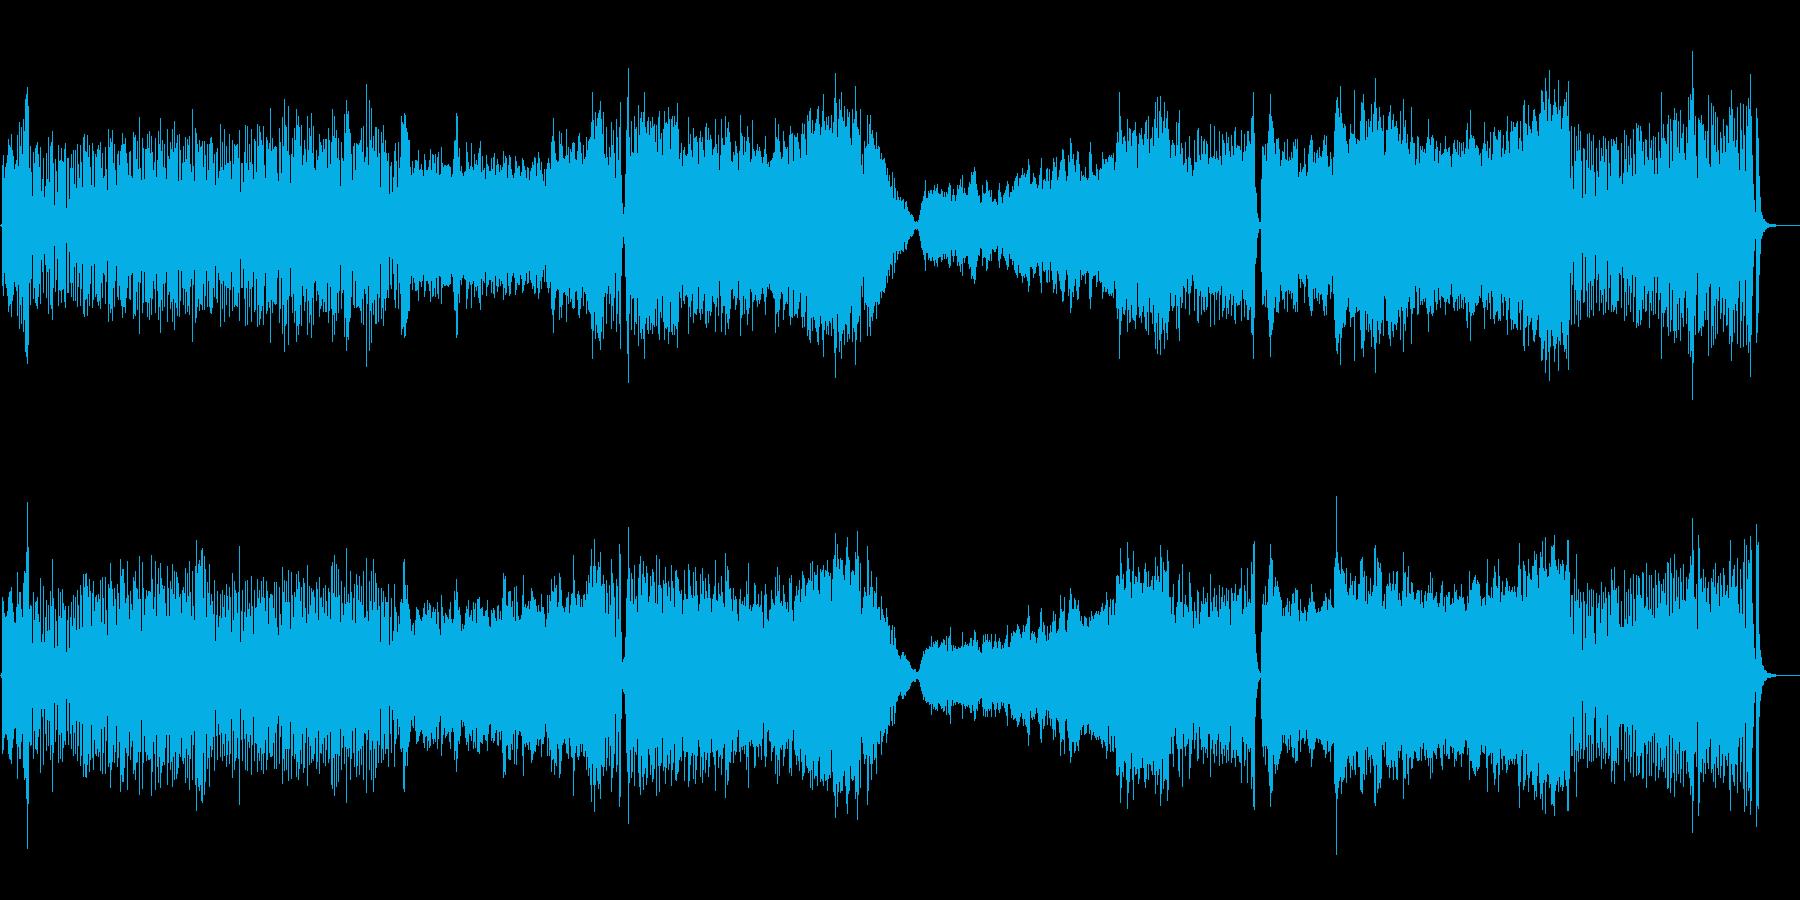 フルオーケストラのOPテーマの再生済みの波形